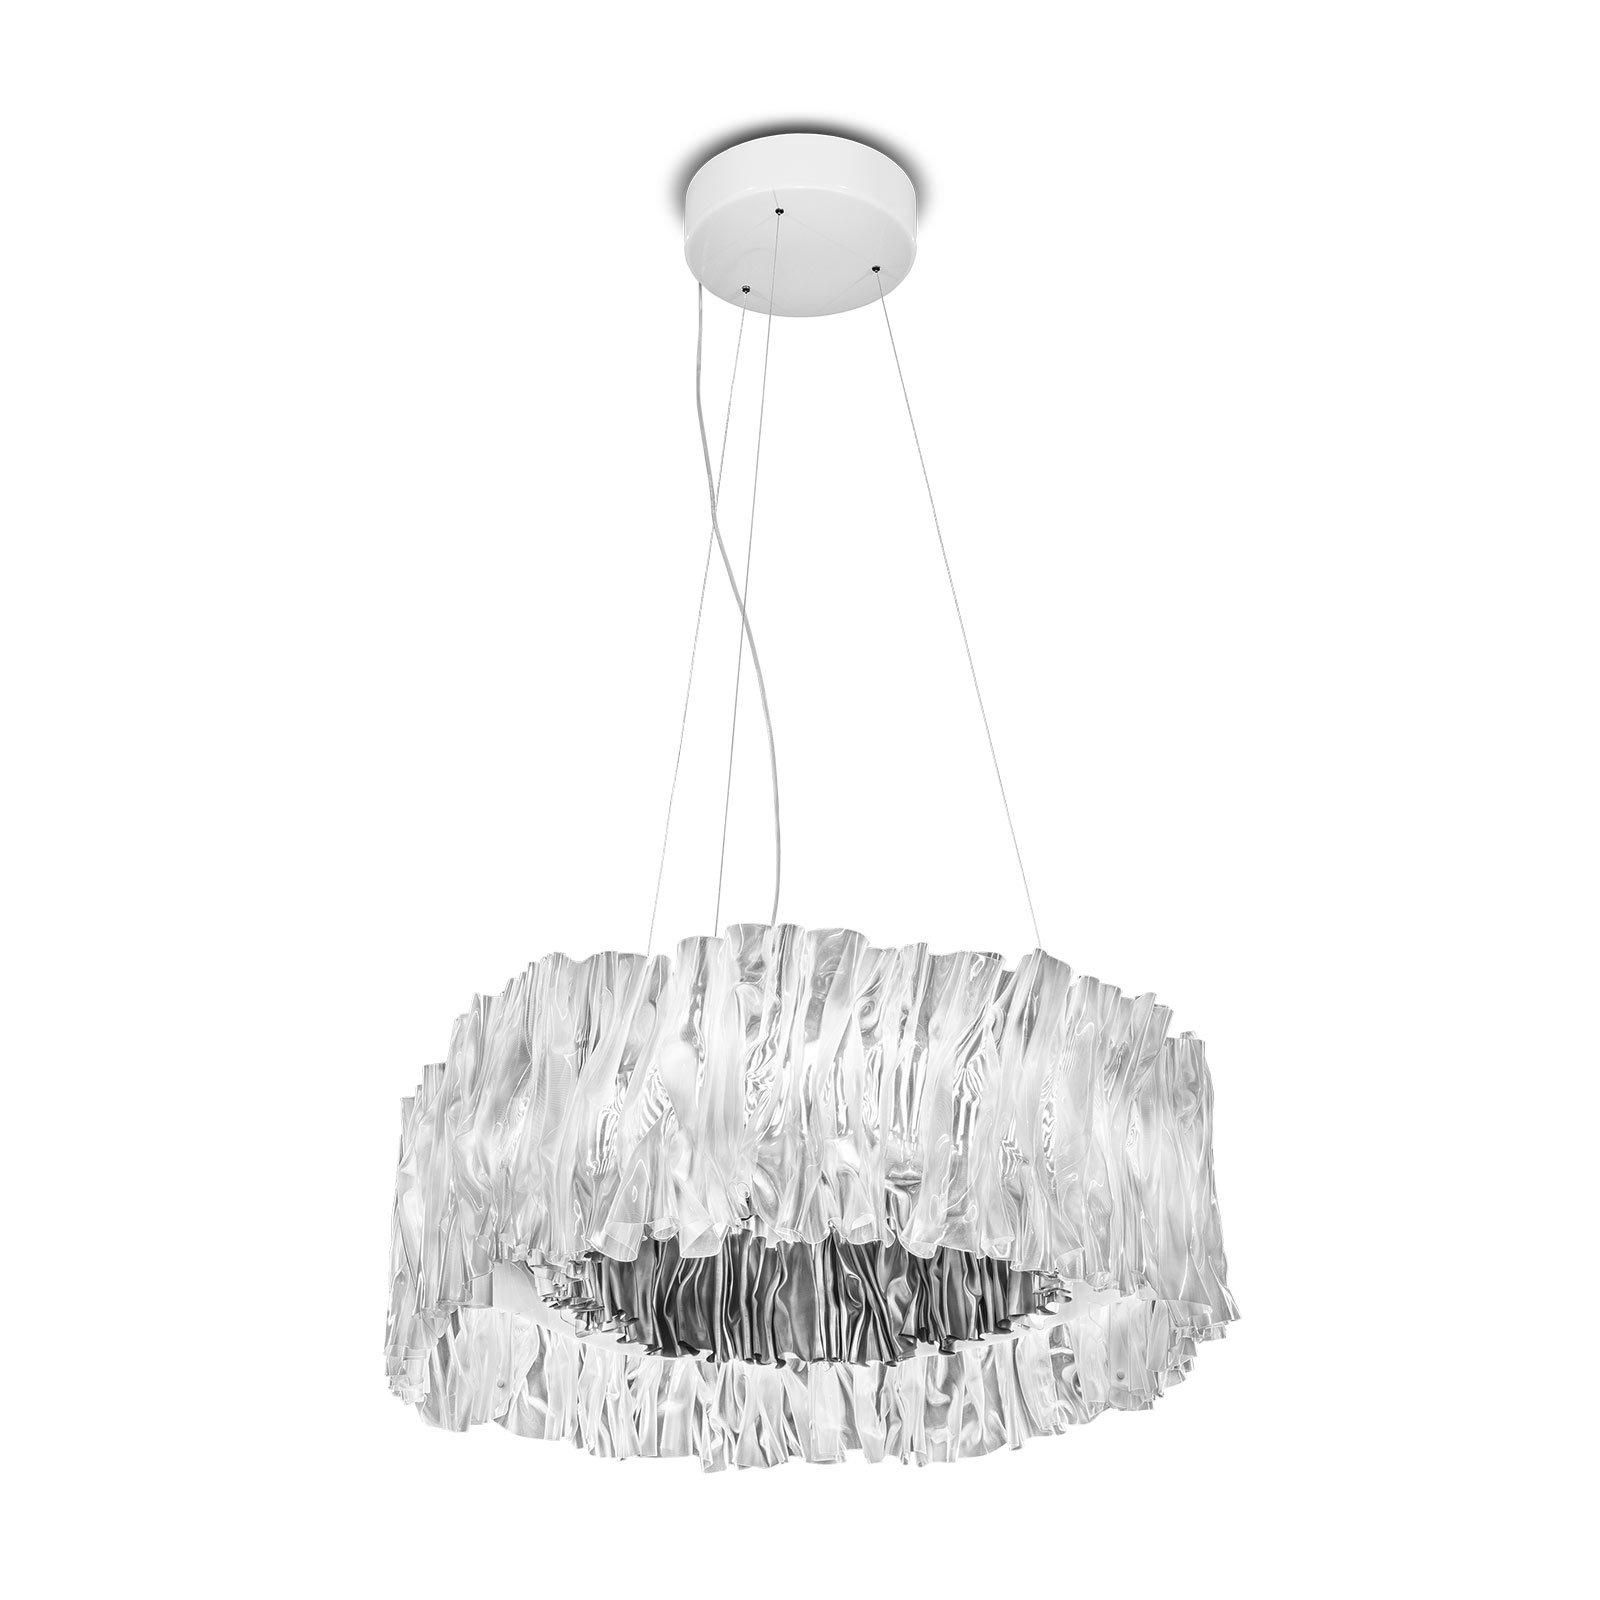 Slamp Accordéon LED-hengelampe sølv 2 700 K